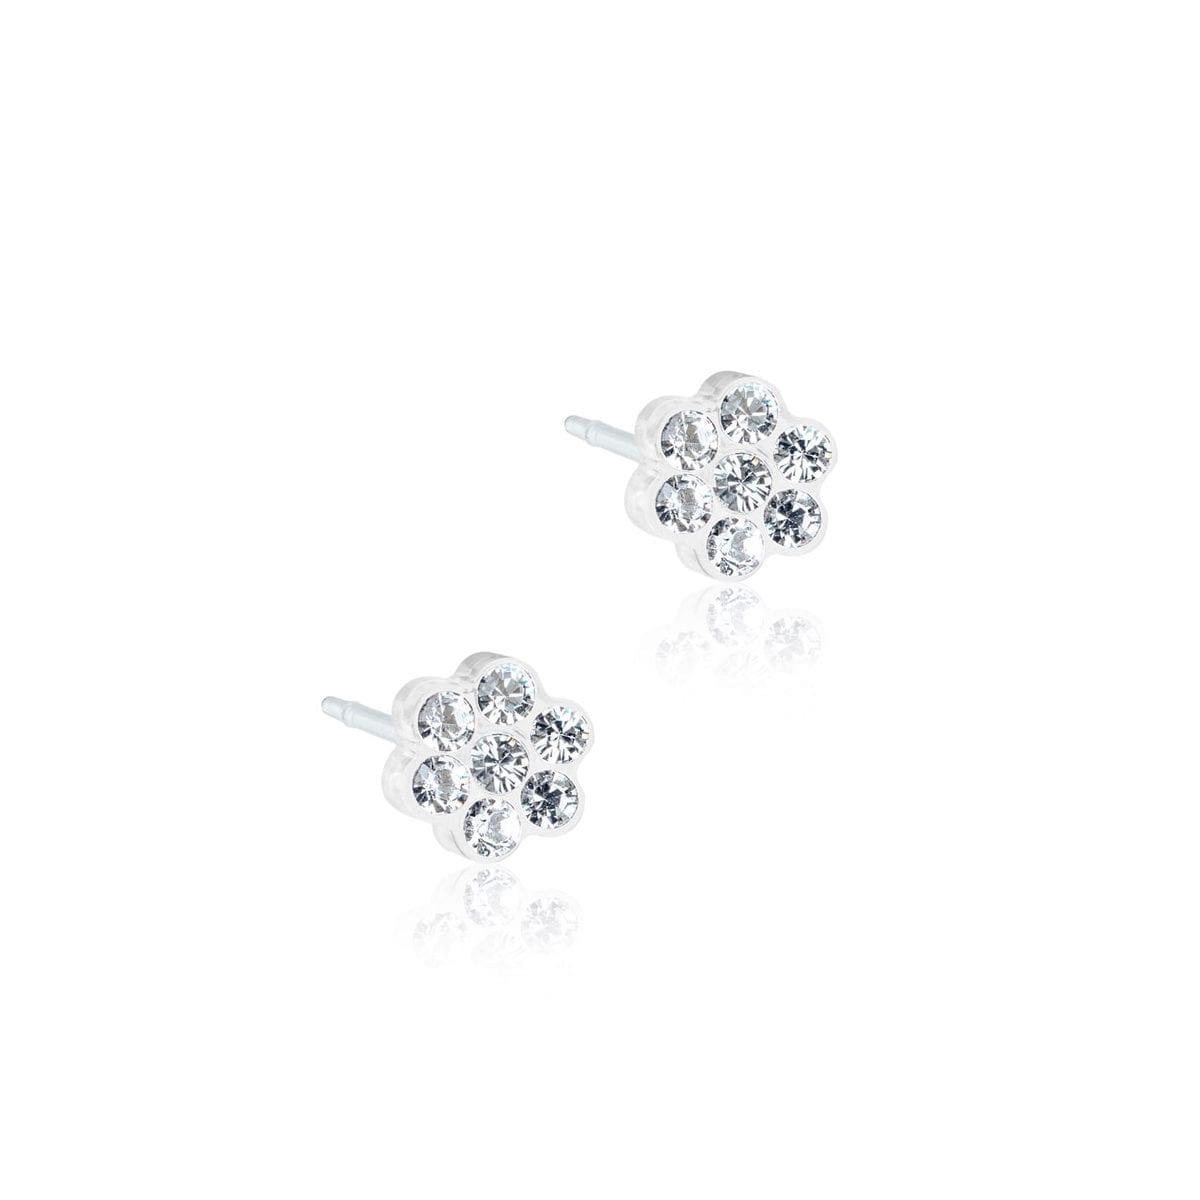 daisy-earrings-blomdahls